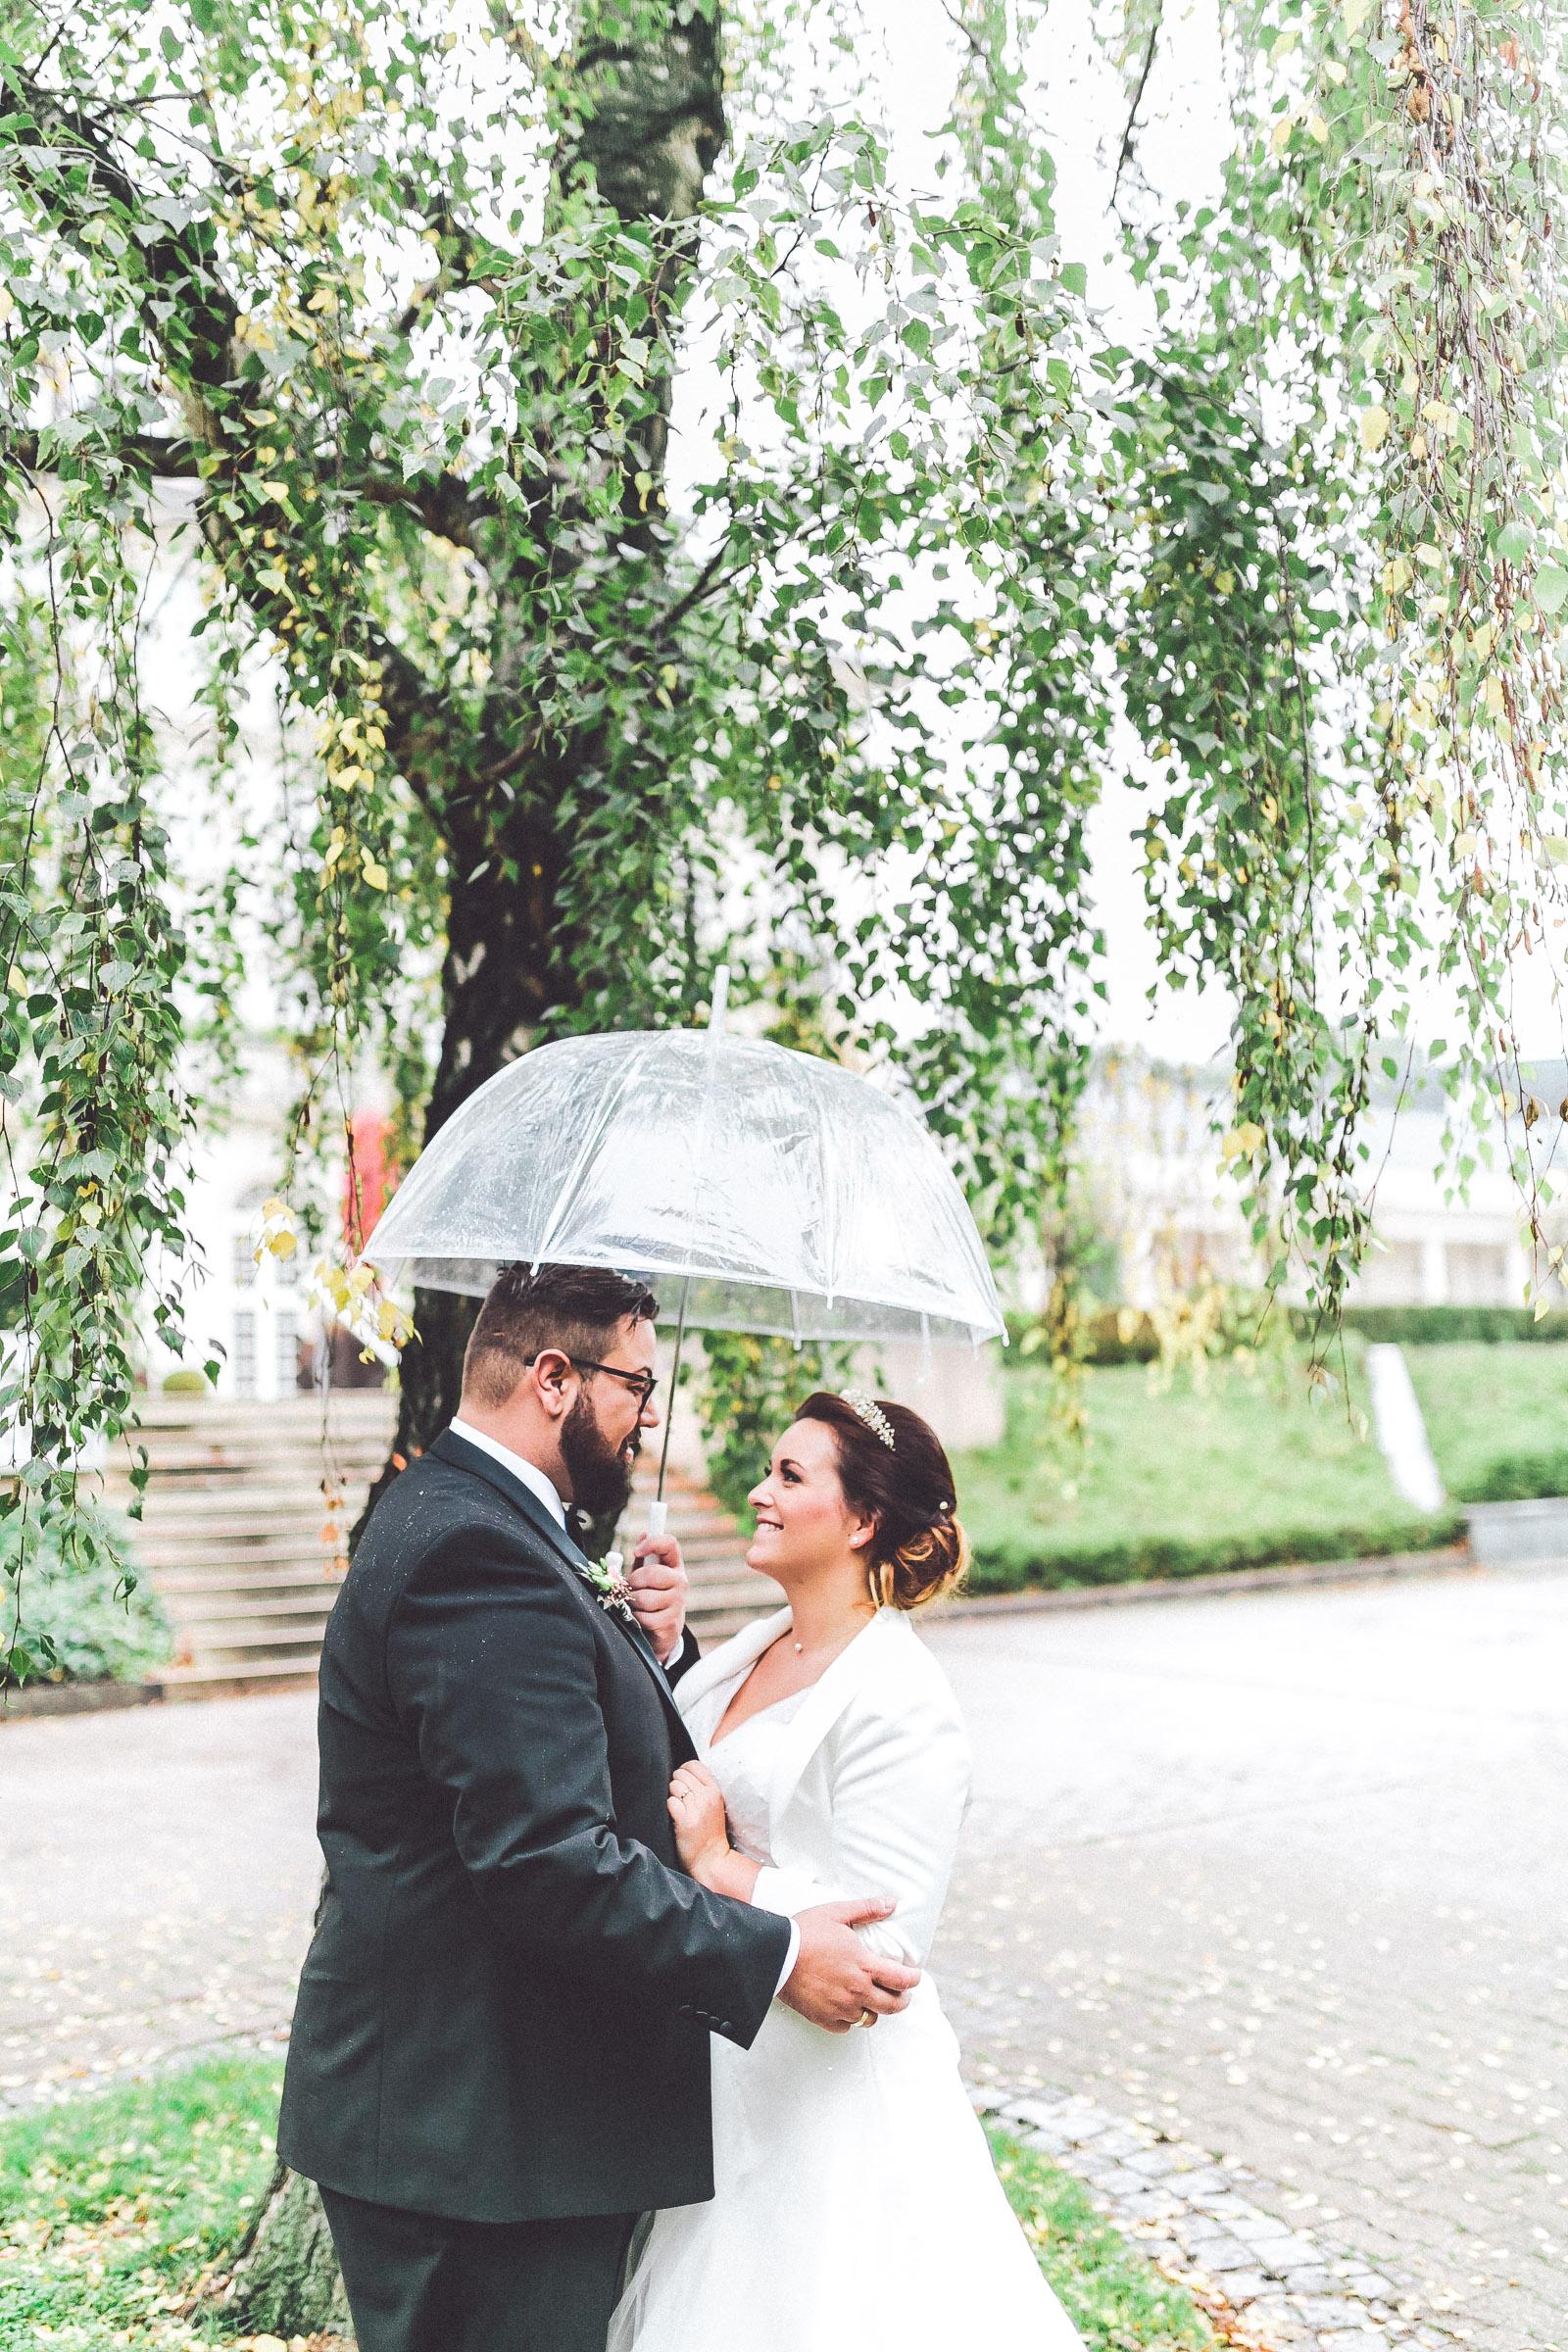 Hochzeitsfotograf in Aachen - Hochzeitsfotos am Casino